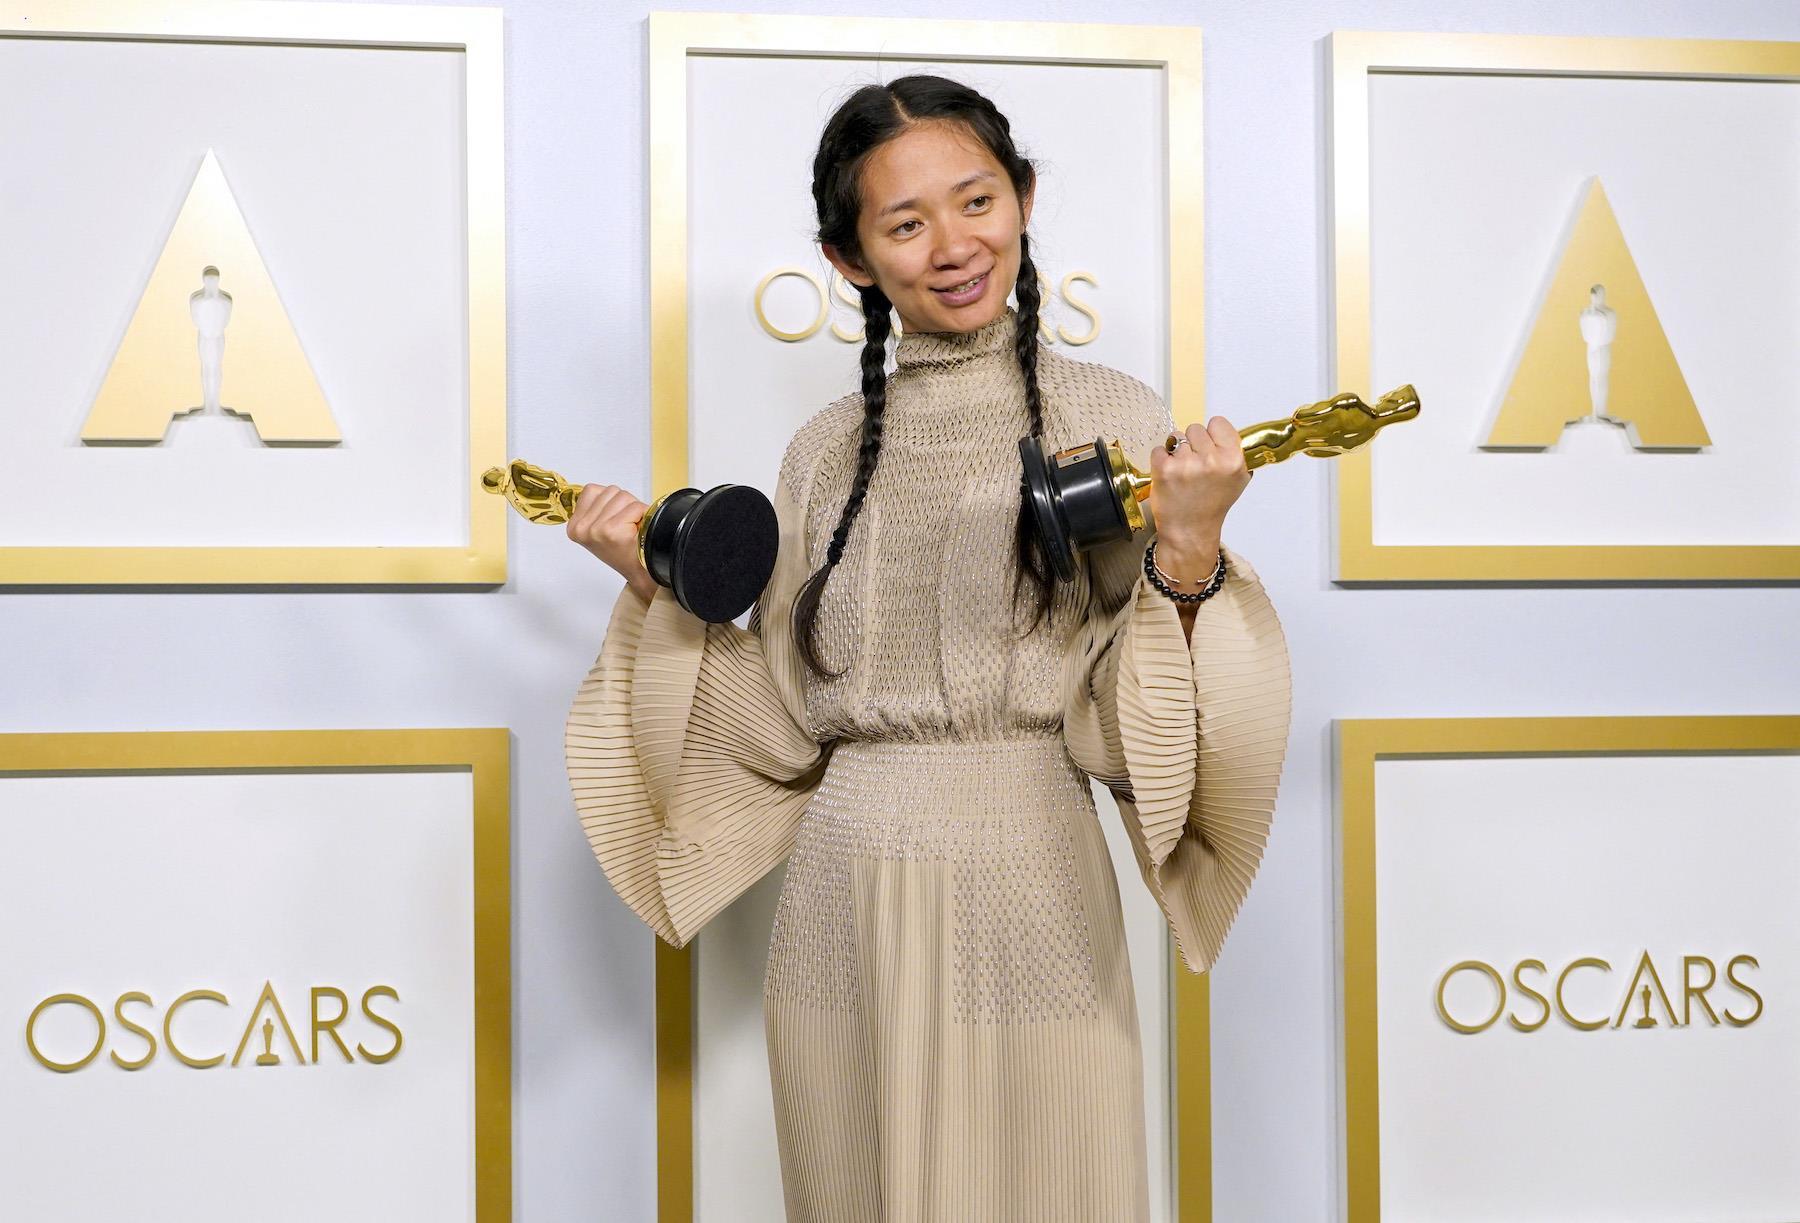 Oscars 2021: Chloé Zhao, première américaine d'origine asiatique sacrée meilleure réalisatrice